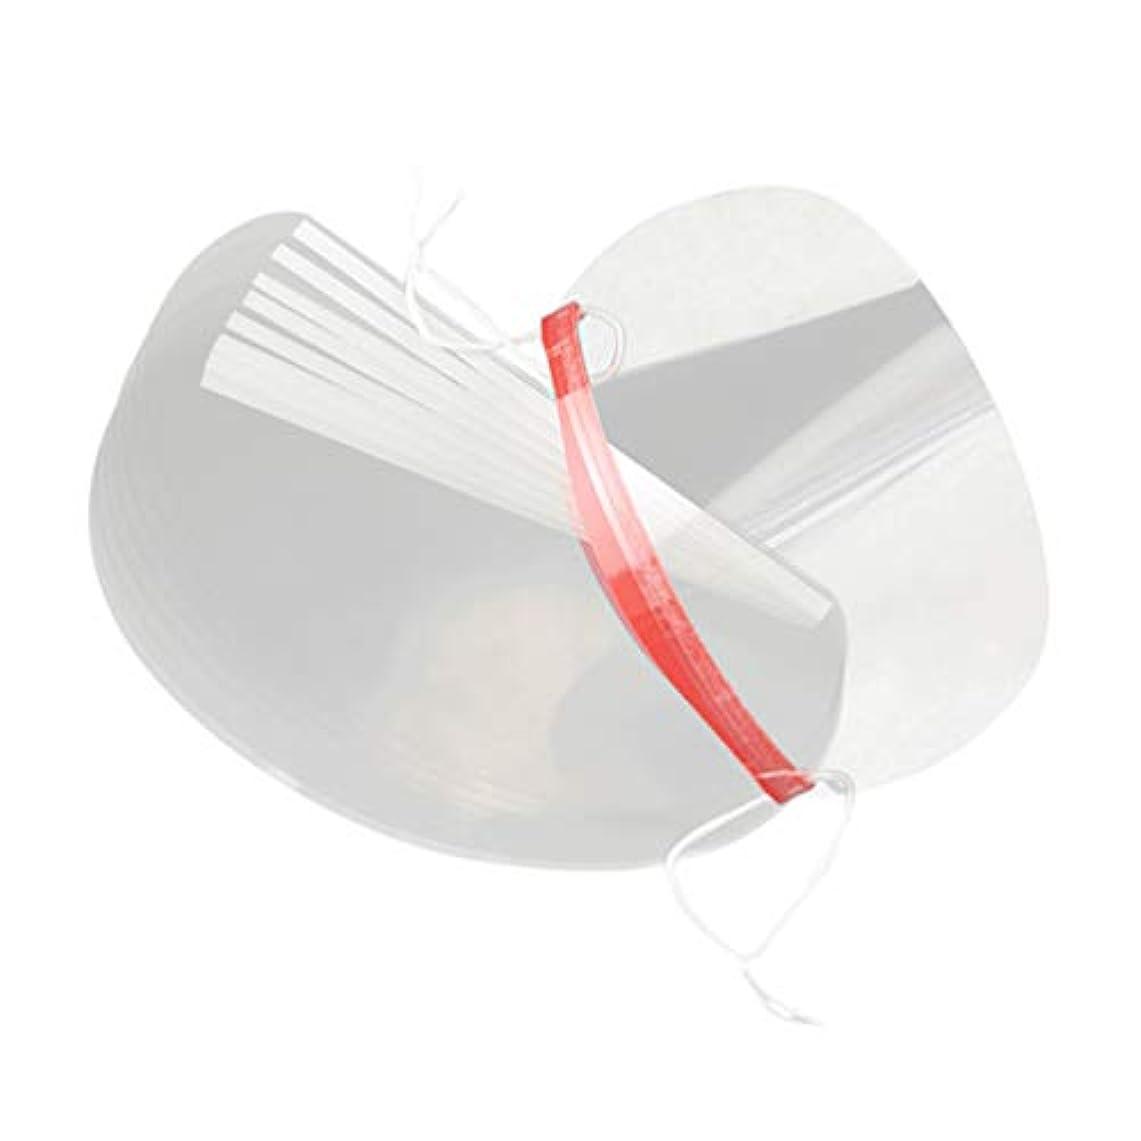 はがきハチに負けるLurrose 理容ヘアサロン マスク多機能透明プラス フェイスプロテクター散髪目シールド 理髪ヘアスプレーシールドマスクバッフル 50pcs